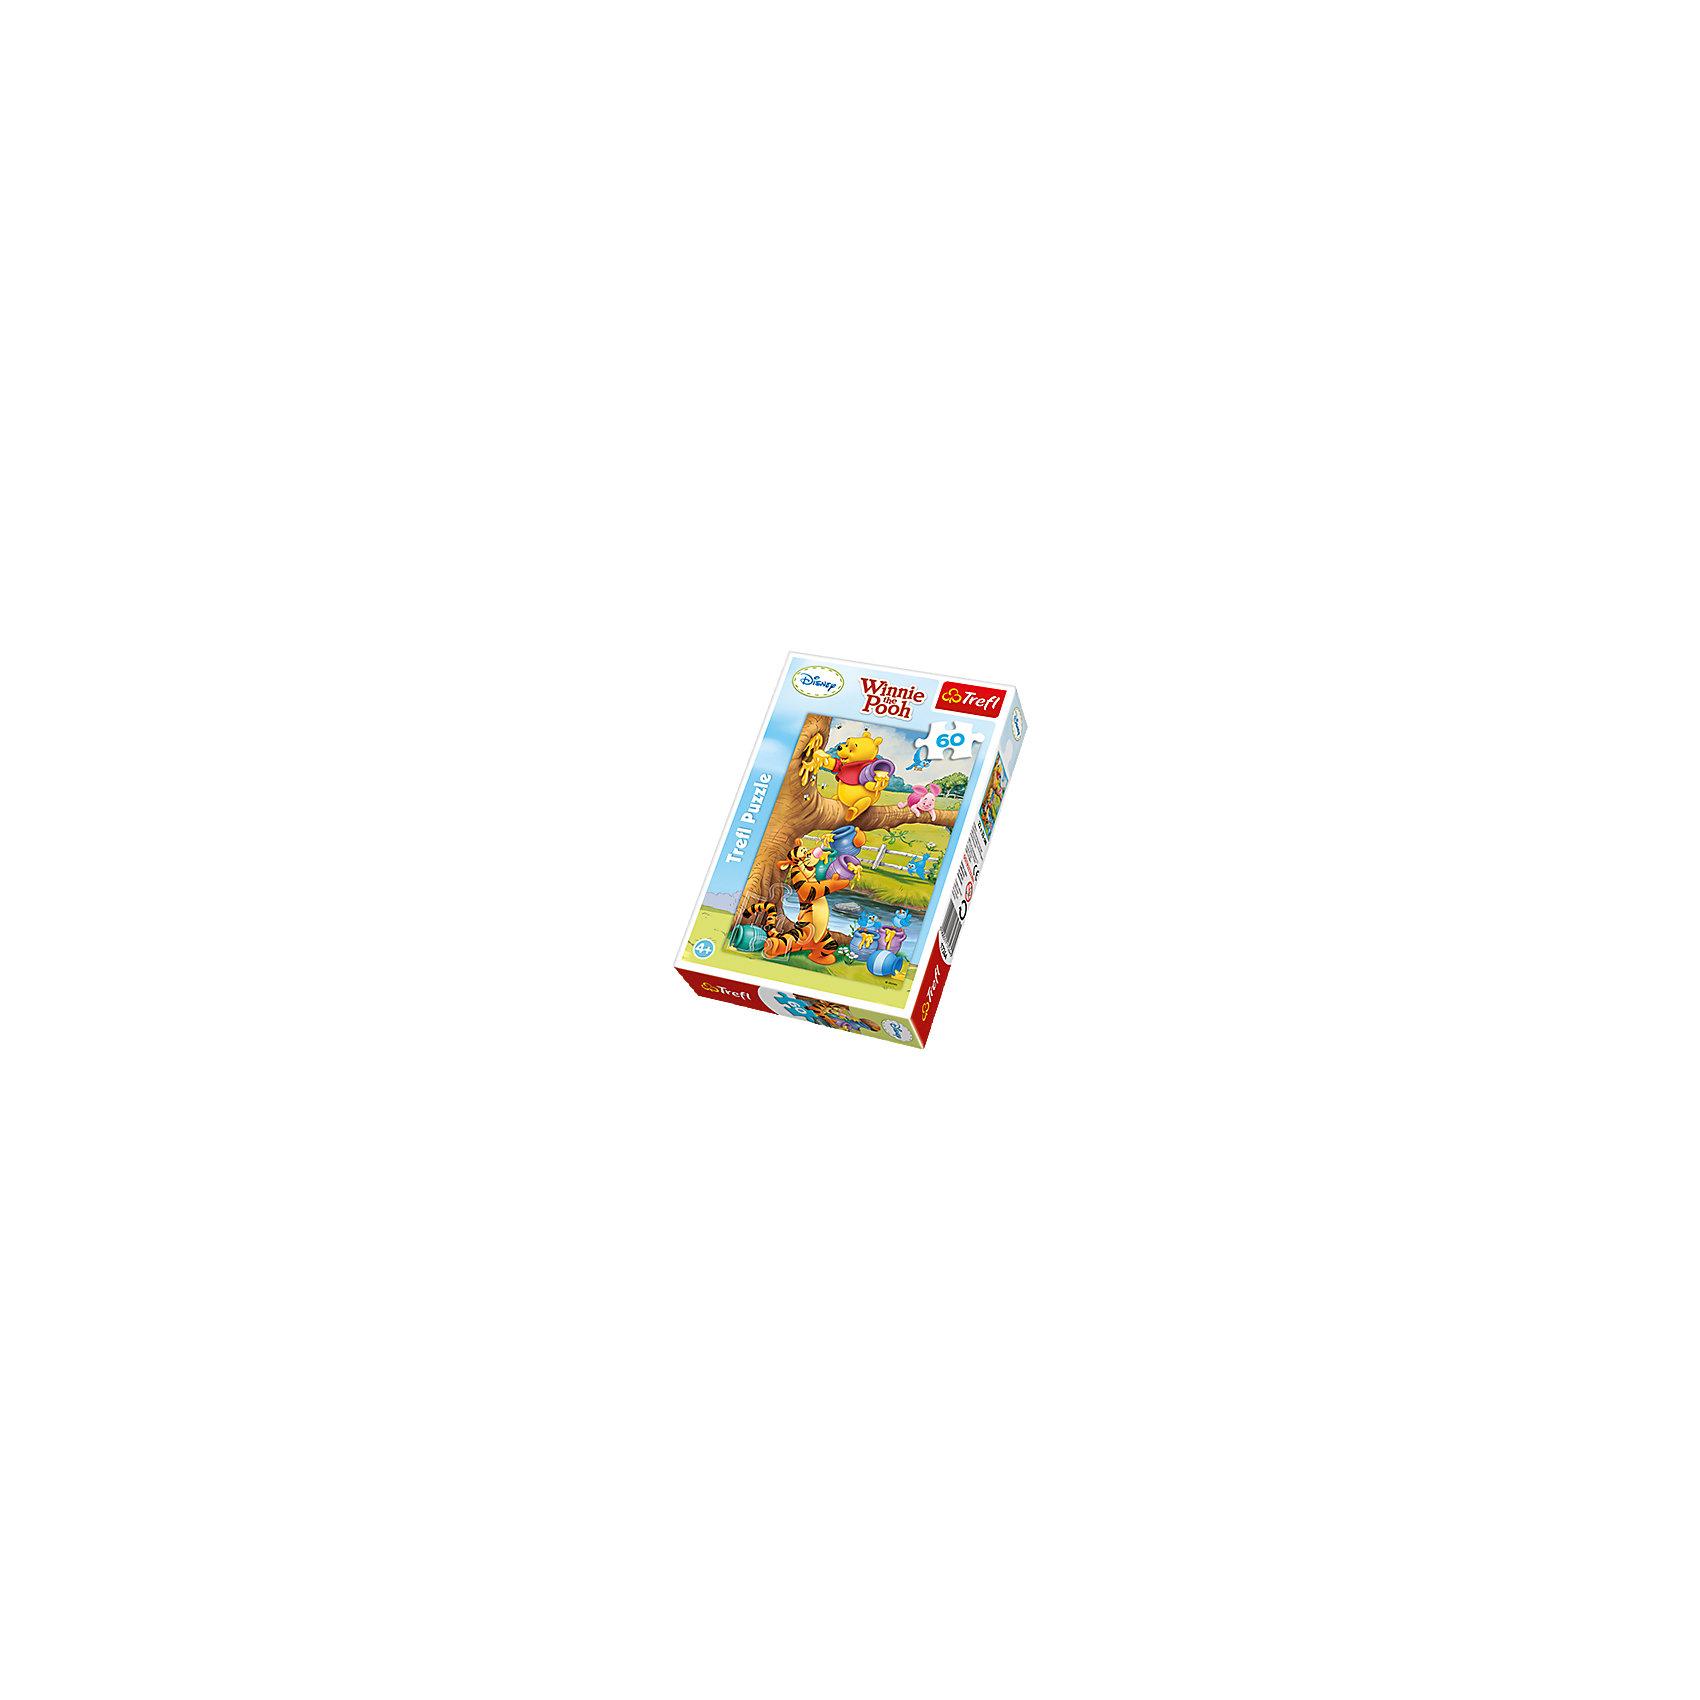 Пазлы Маленкий Винни-Пух, 60 элементов, TreflПазлы для малышей<br>Все помнят мультсериал «Винни-Пух» от Дисней? Он уже не один десяток лет радует маленьких и уже взрослых фанатов. И дети, и их родители придут в восторг от пазла польской компании Trefl с изображением любимых персонажей – Тигра, Пятачок и, конечно же, всеми любимый сладкоежка – Винни-Пух.<br>Дети наверняка оценят крупные размеры деталей с отлично переданными частями картинки. Родителям понравится качество исполнения пазла – никаких отслоений и добротно вырезанные детали. Кроме того, плотная коробка сохранит свои формы на долгое время, а детали пазла не растеряются.<br>Такая игра рекомендуется с 3 лет. В пазле 60 деталей. Возможно, во время первой сборки, ребенку понадобится помощь, но потом он освоится и удивит Вас скоростью самостоятельной сборки!<br><br>Ширина мм: 213<br>Глубина мм: 144<br>Высота мм: 44<br>Вес г: 195<br>Возраст от месяцев: 48<br>Возраст до месяцев: 84<br>Пол: Унисекс<br>Возраст: Детский<br>Количество деталей: 60<br>SKU: 4040329